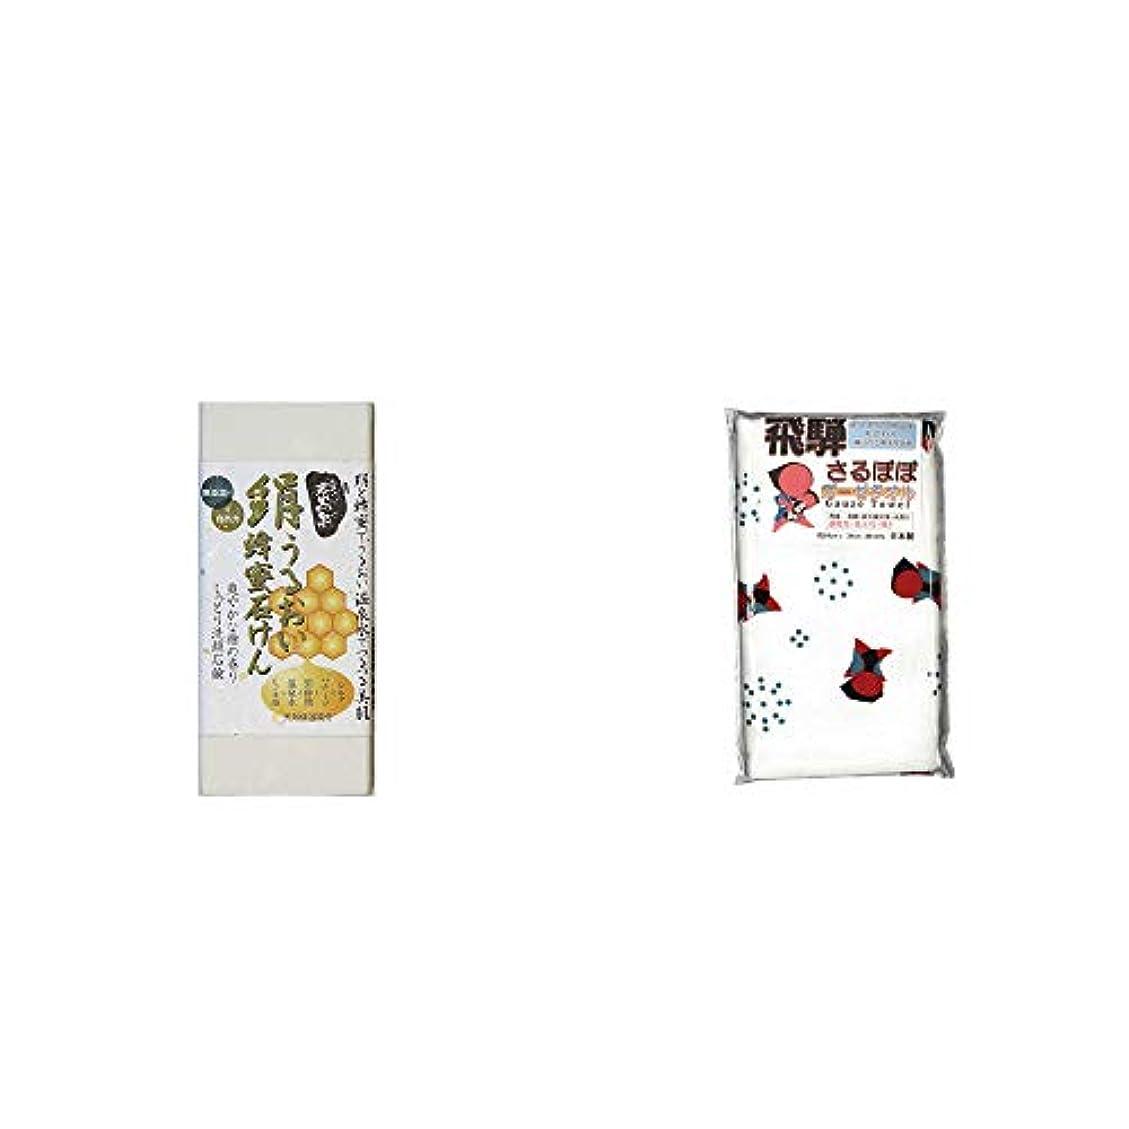 ワードローブ経験者ラブ[2点セット] ひのき炭黒泉 絹うるおい蜂蜜石けん(75g×2)?飛騨さるぼぼ ガーゼタオル